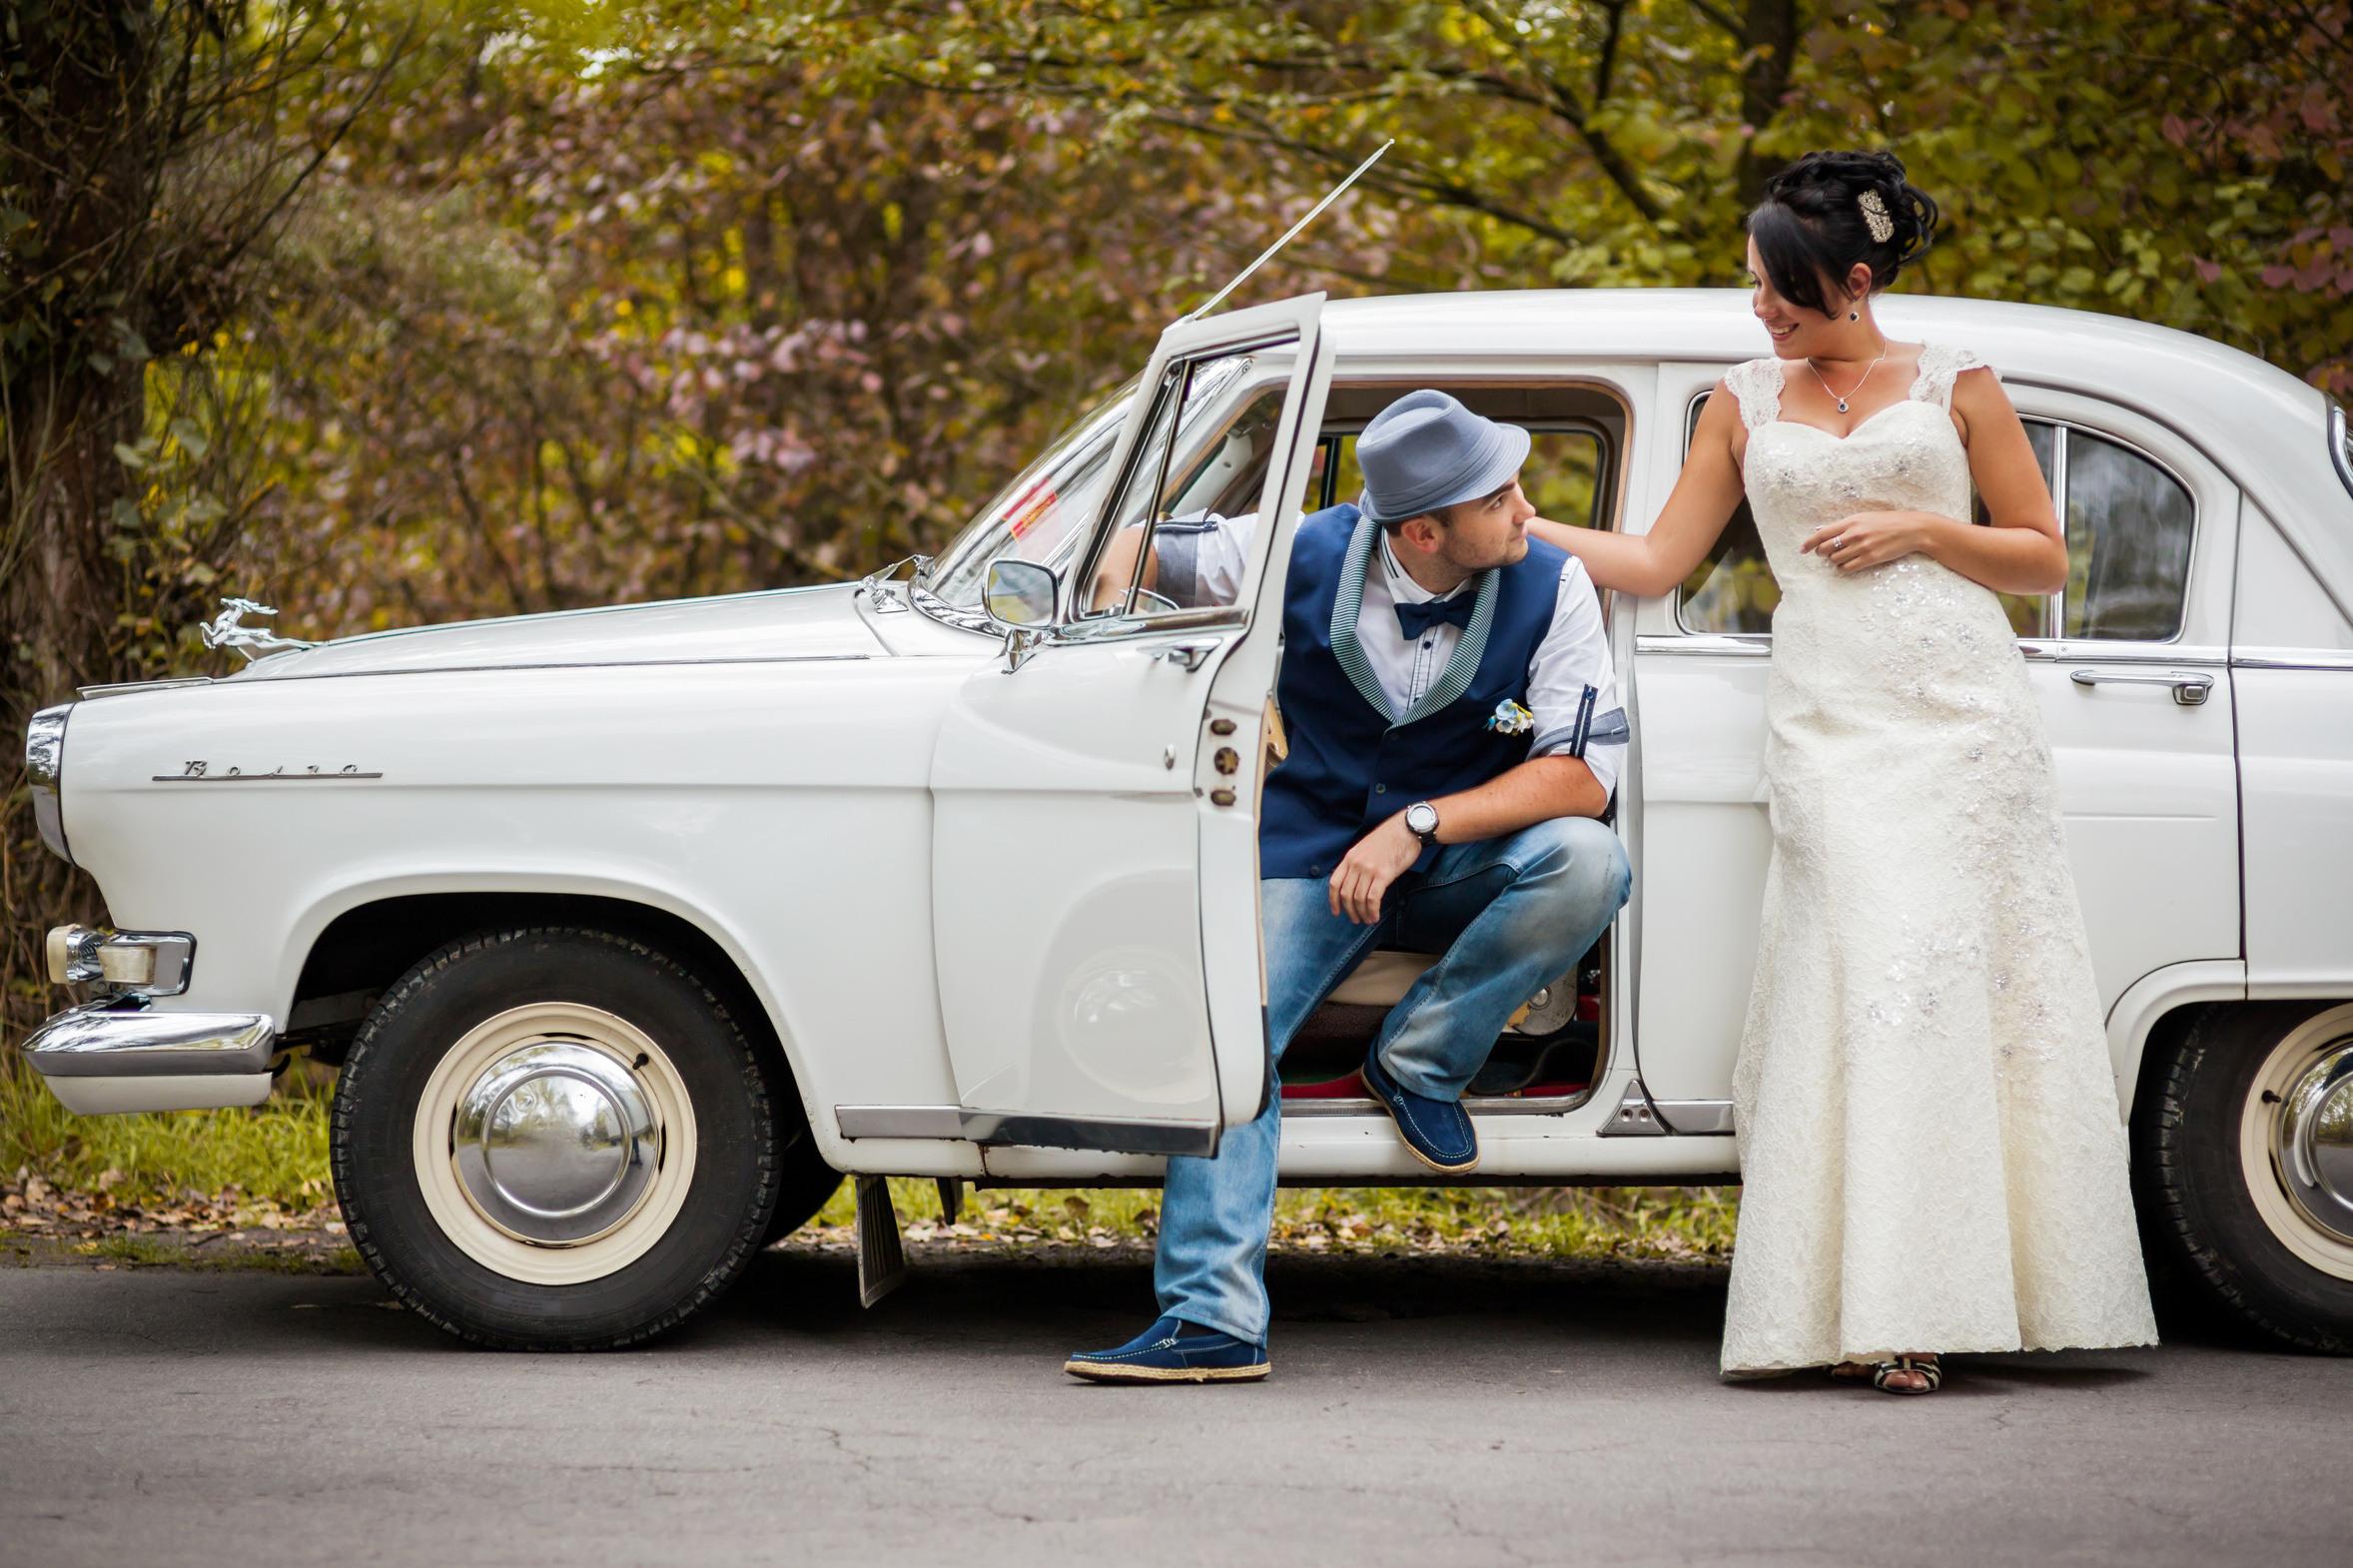 Dreamz Hochzeitsblog: Stilvolle Zivilhochzeit